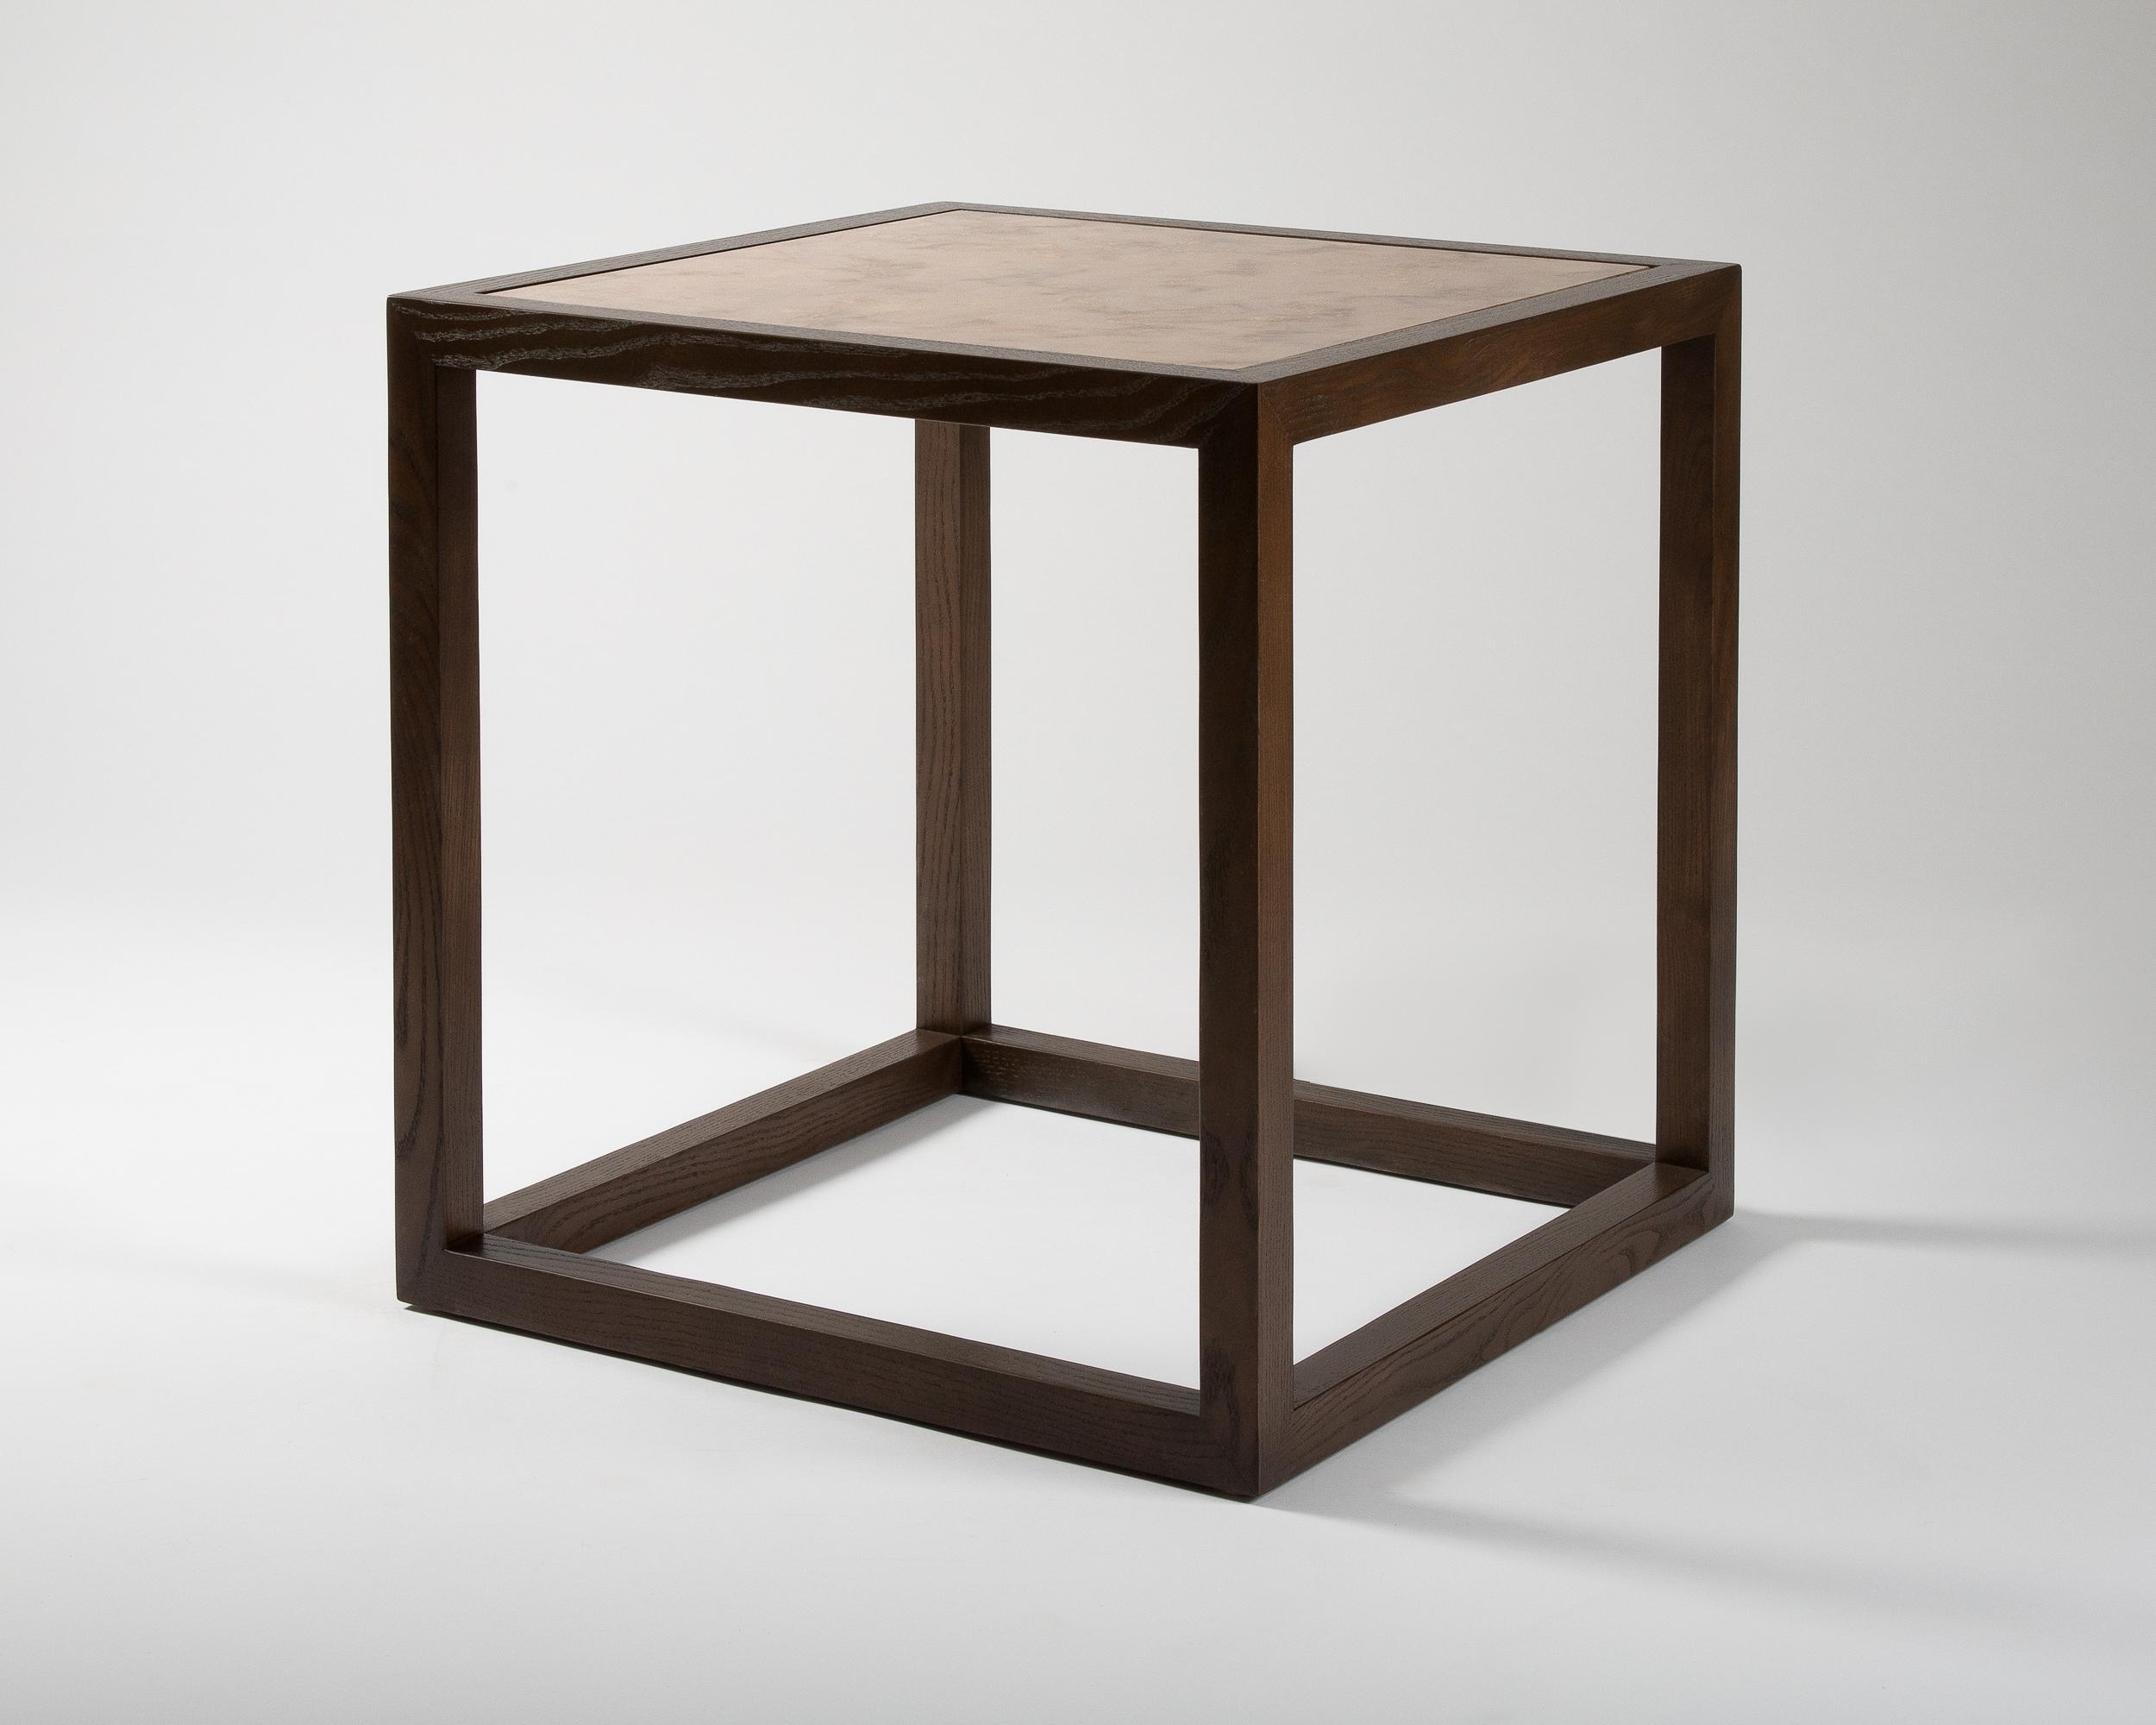 CubeTable_1855-Web.jpg